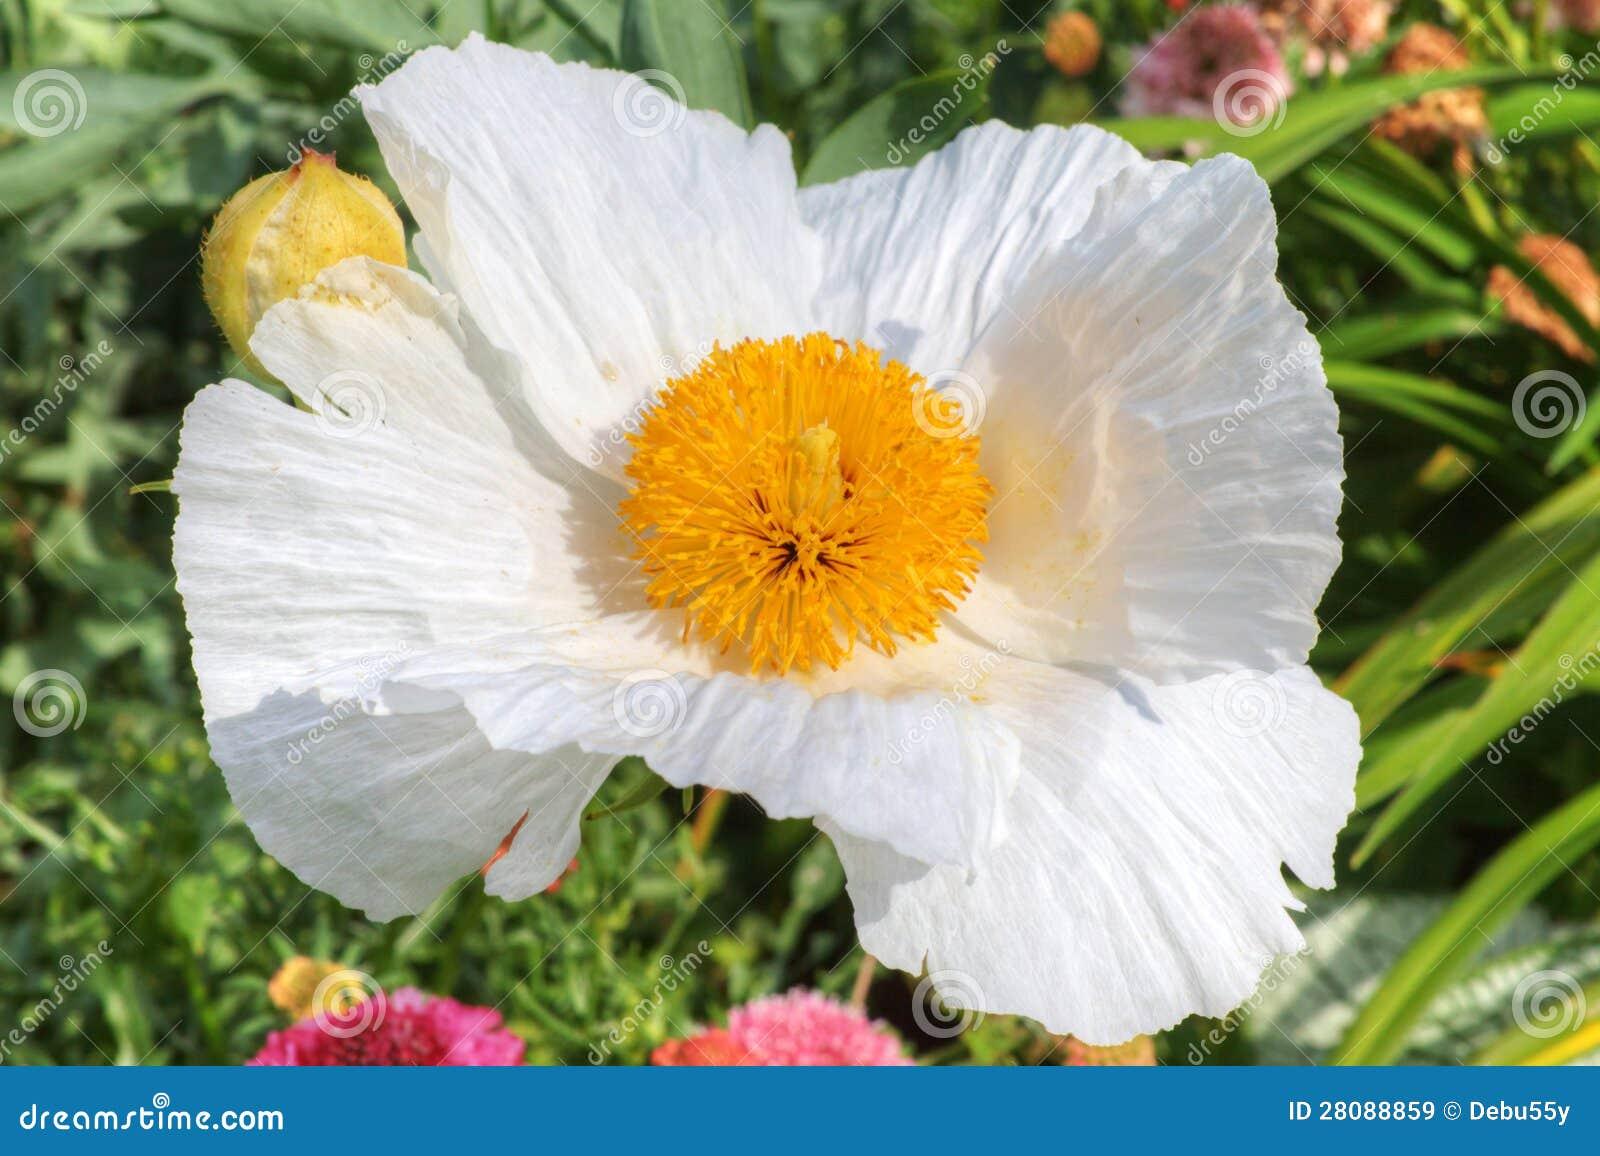 fleur blanche de pavot d 39 arbre image stock image du objet sain 28088859. Black Bedroom Furniture Sets. Home Design Ideas